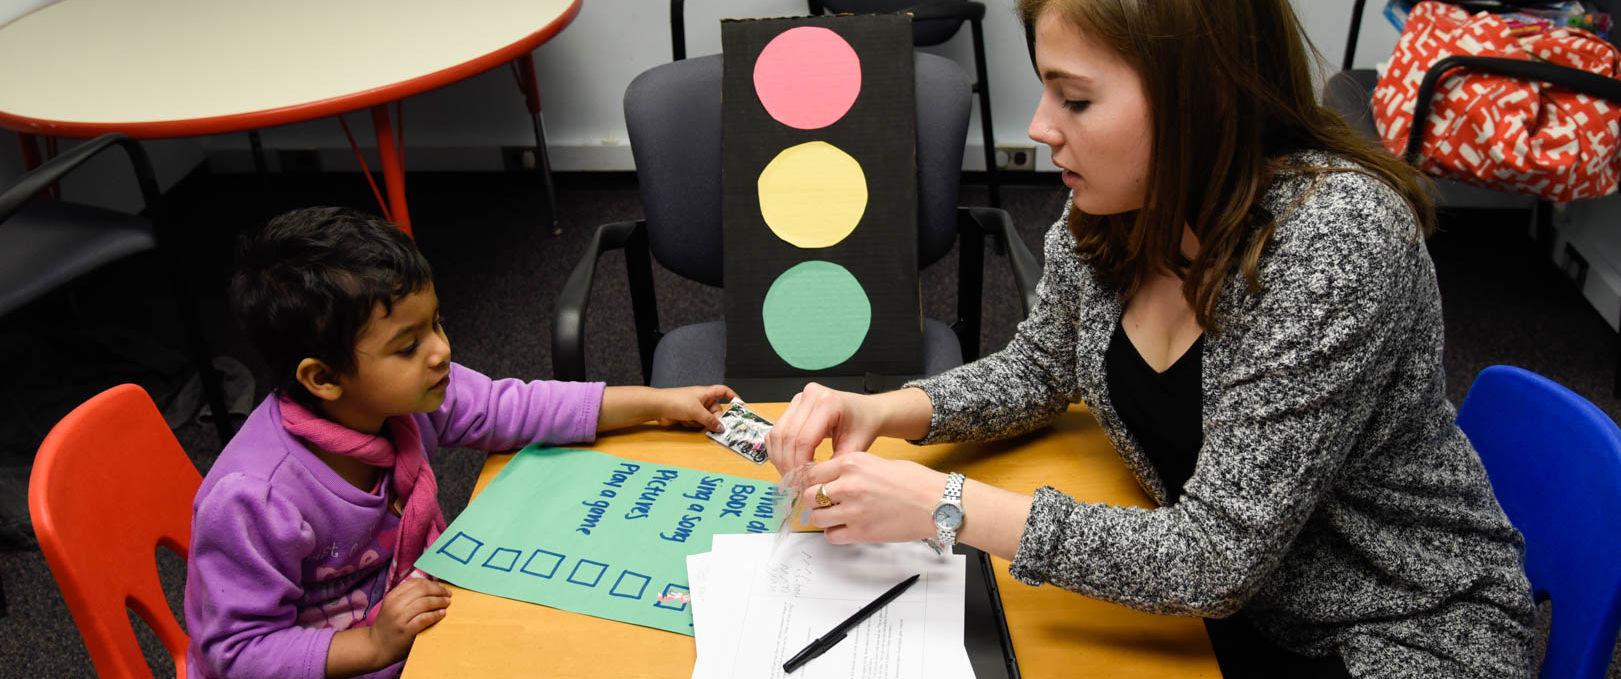 Speech pathologist showing little girl a set of photos